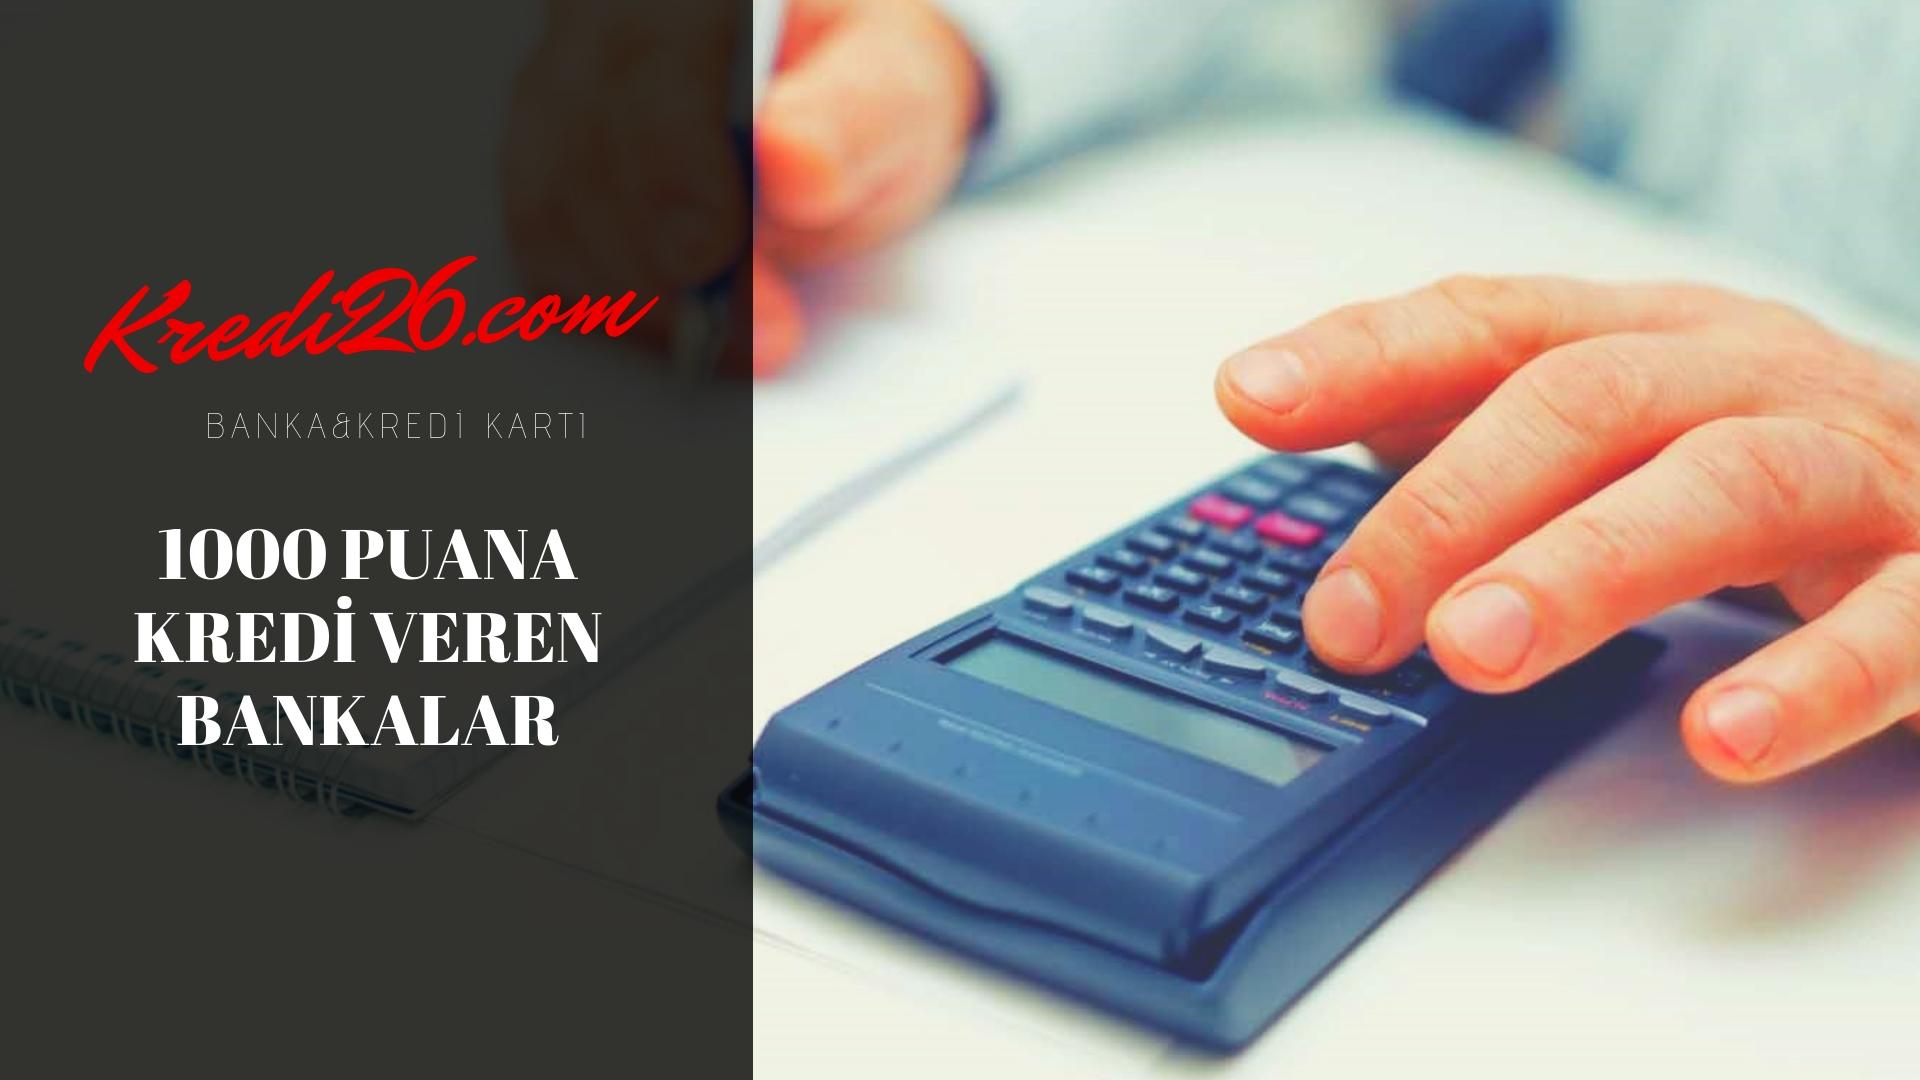 800-1000 Puana Kredi Notuna Kredi Veren Bankaların Listesi